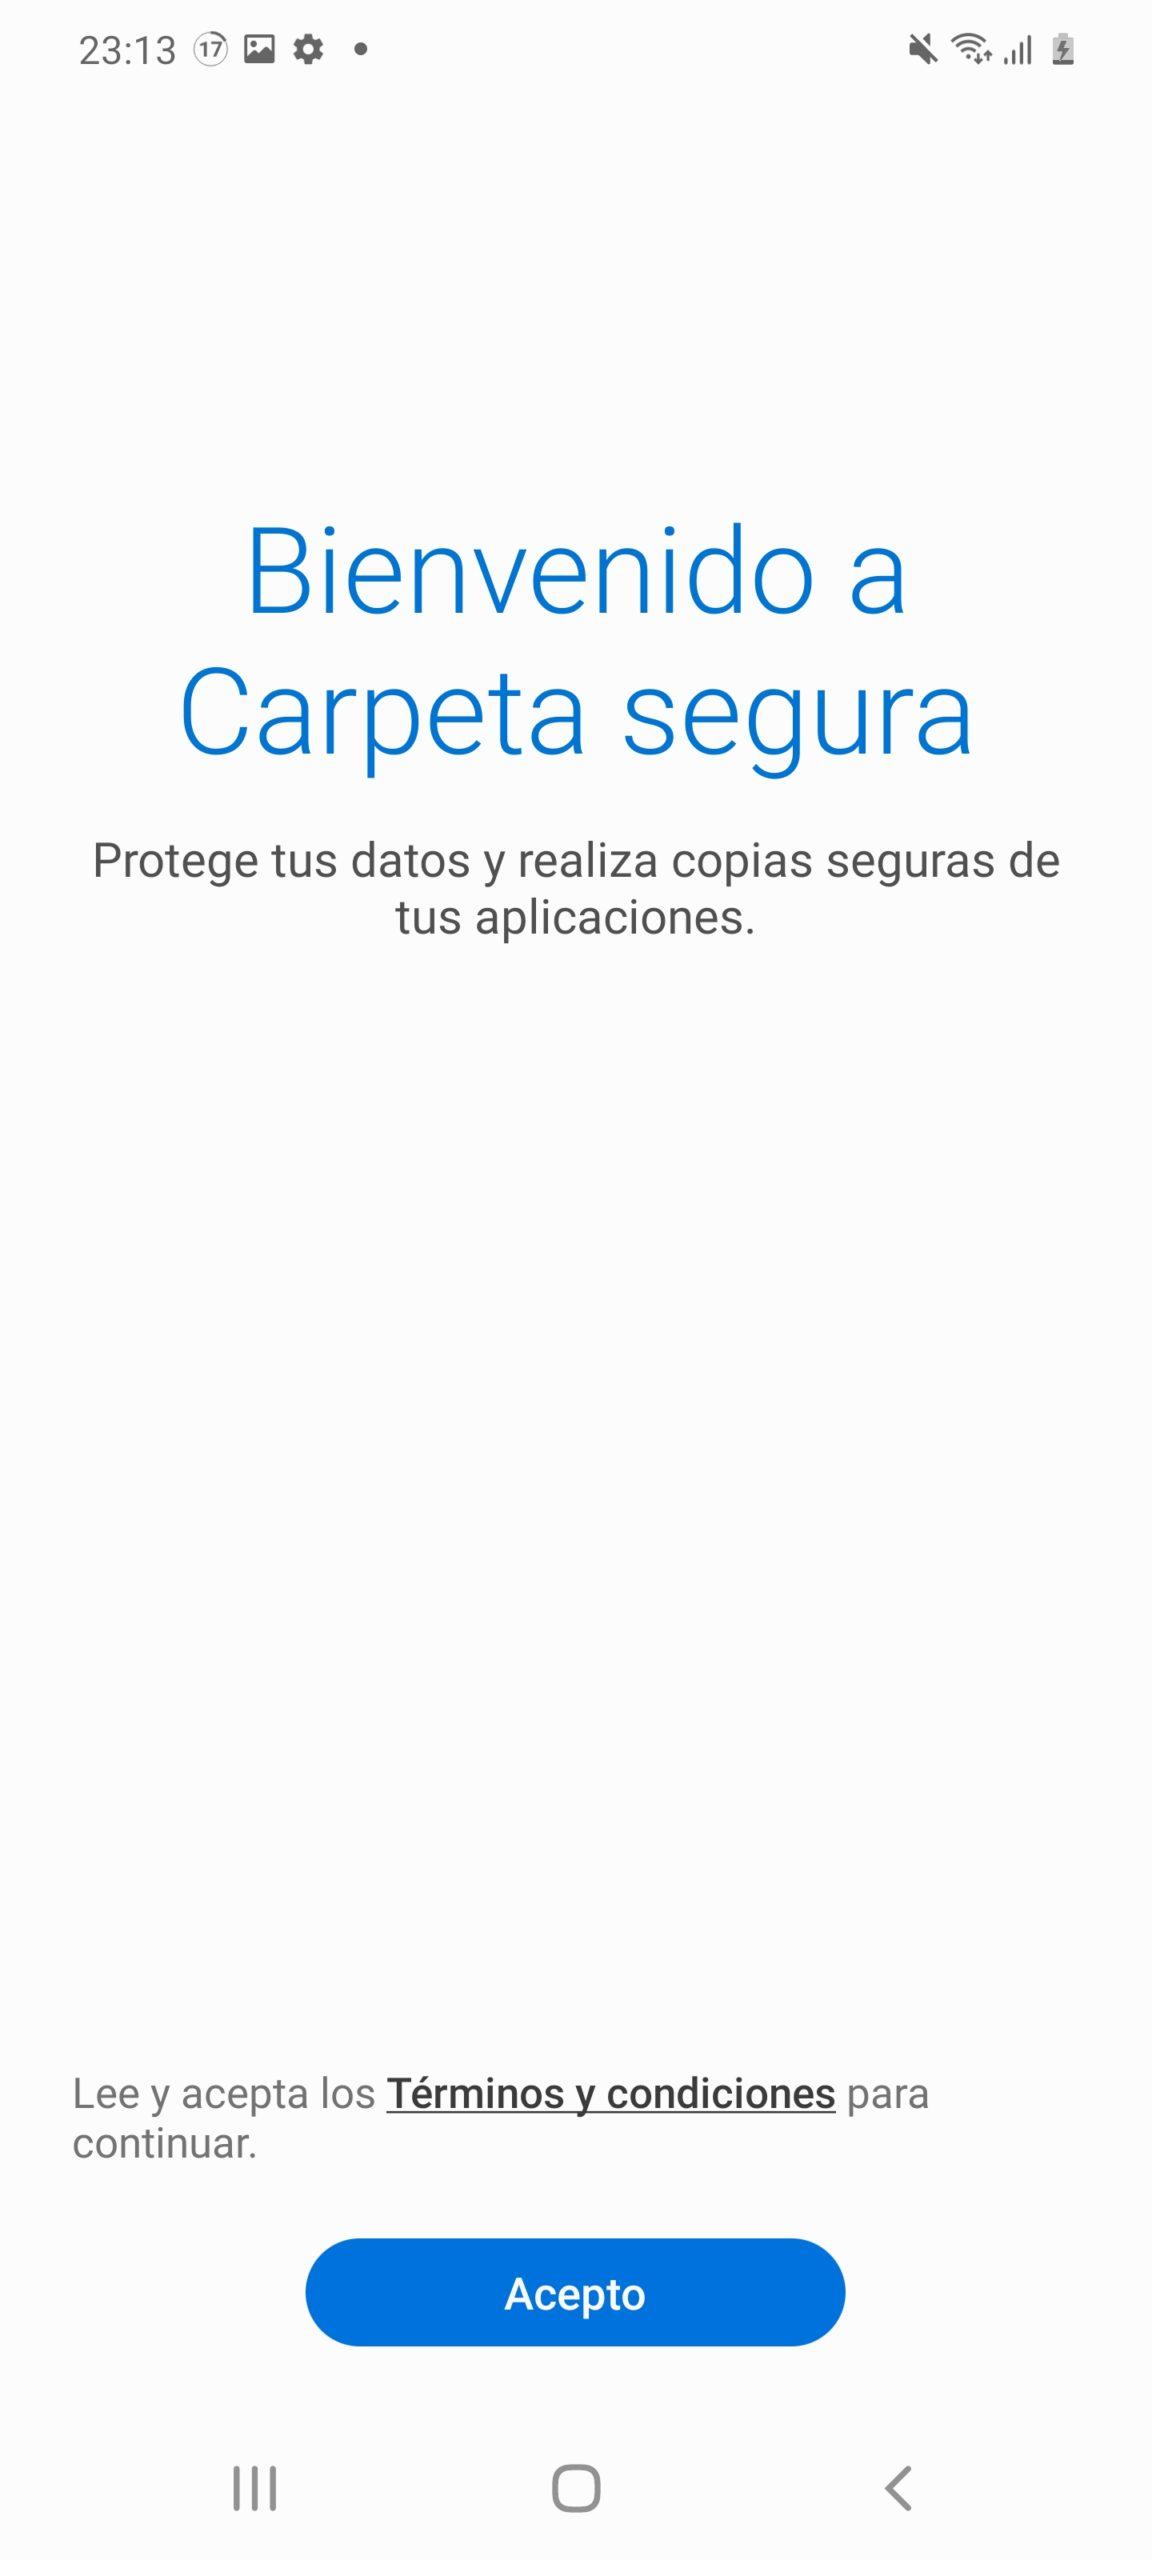 Inicio activación de Carpeta segura en Samsung Galaxy